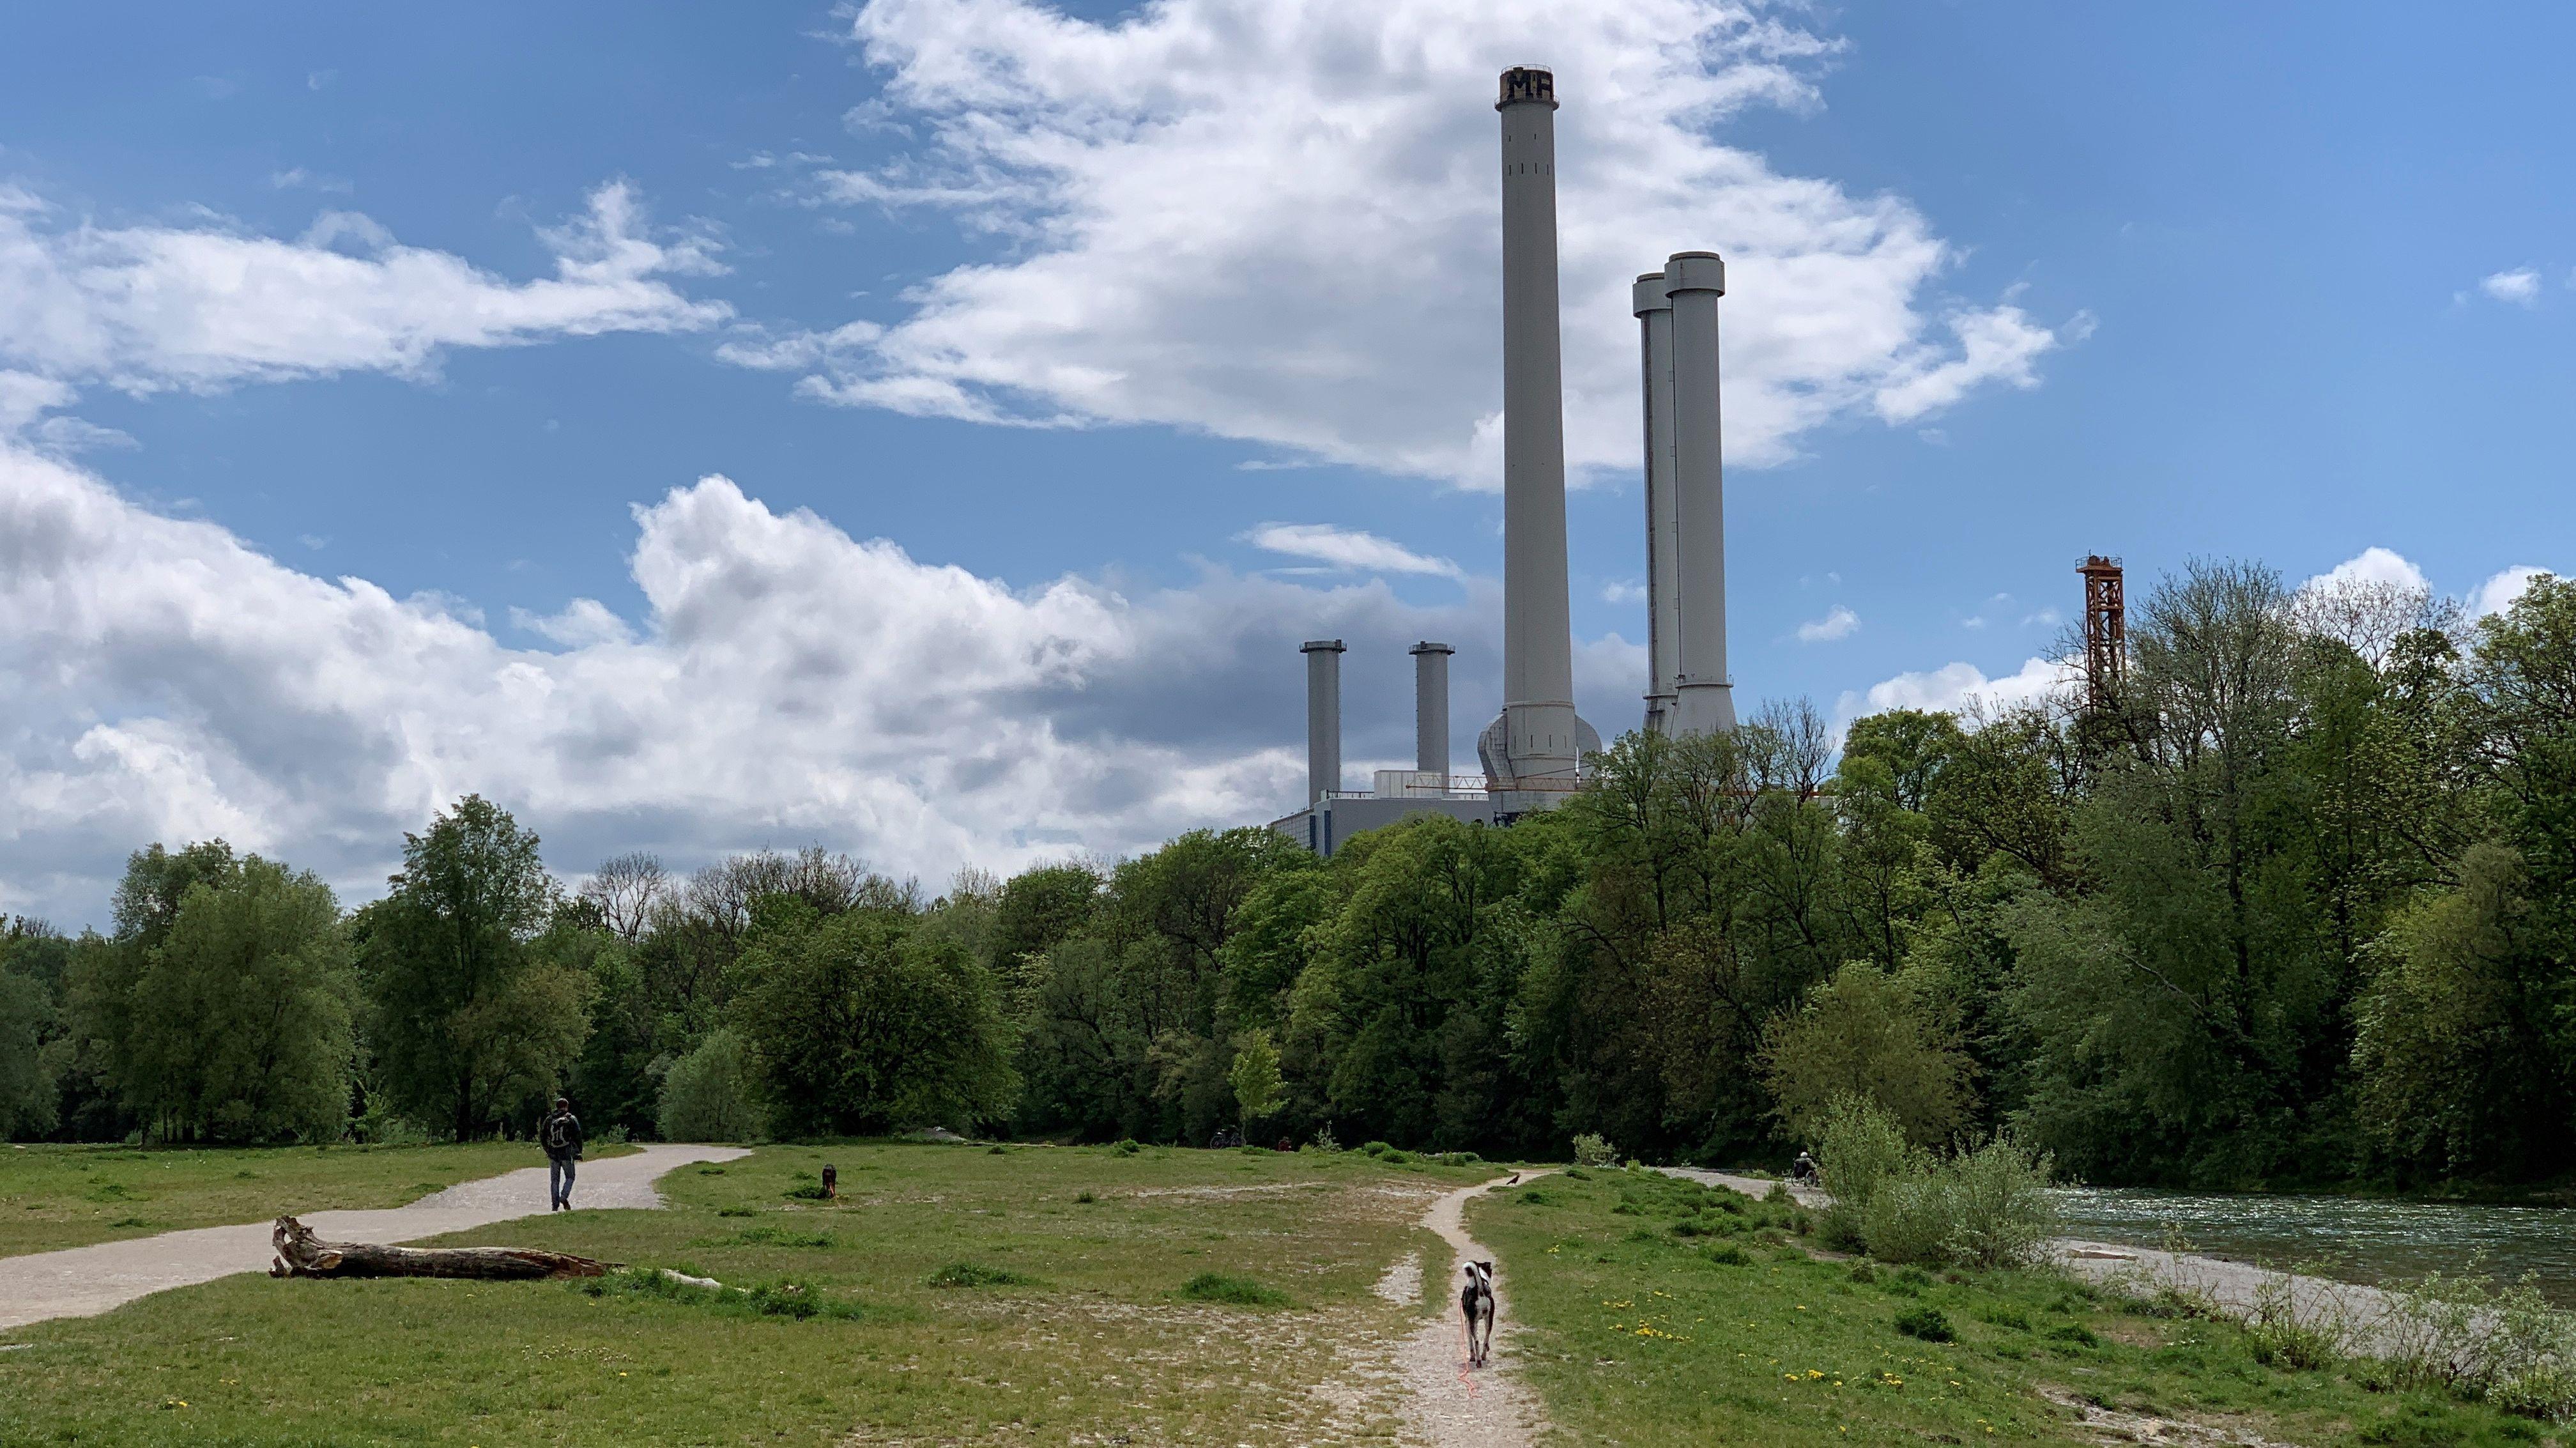 Das ehemalige Heizkraftwerk-Süd im Münchner Stadtteil Sendling